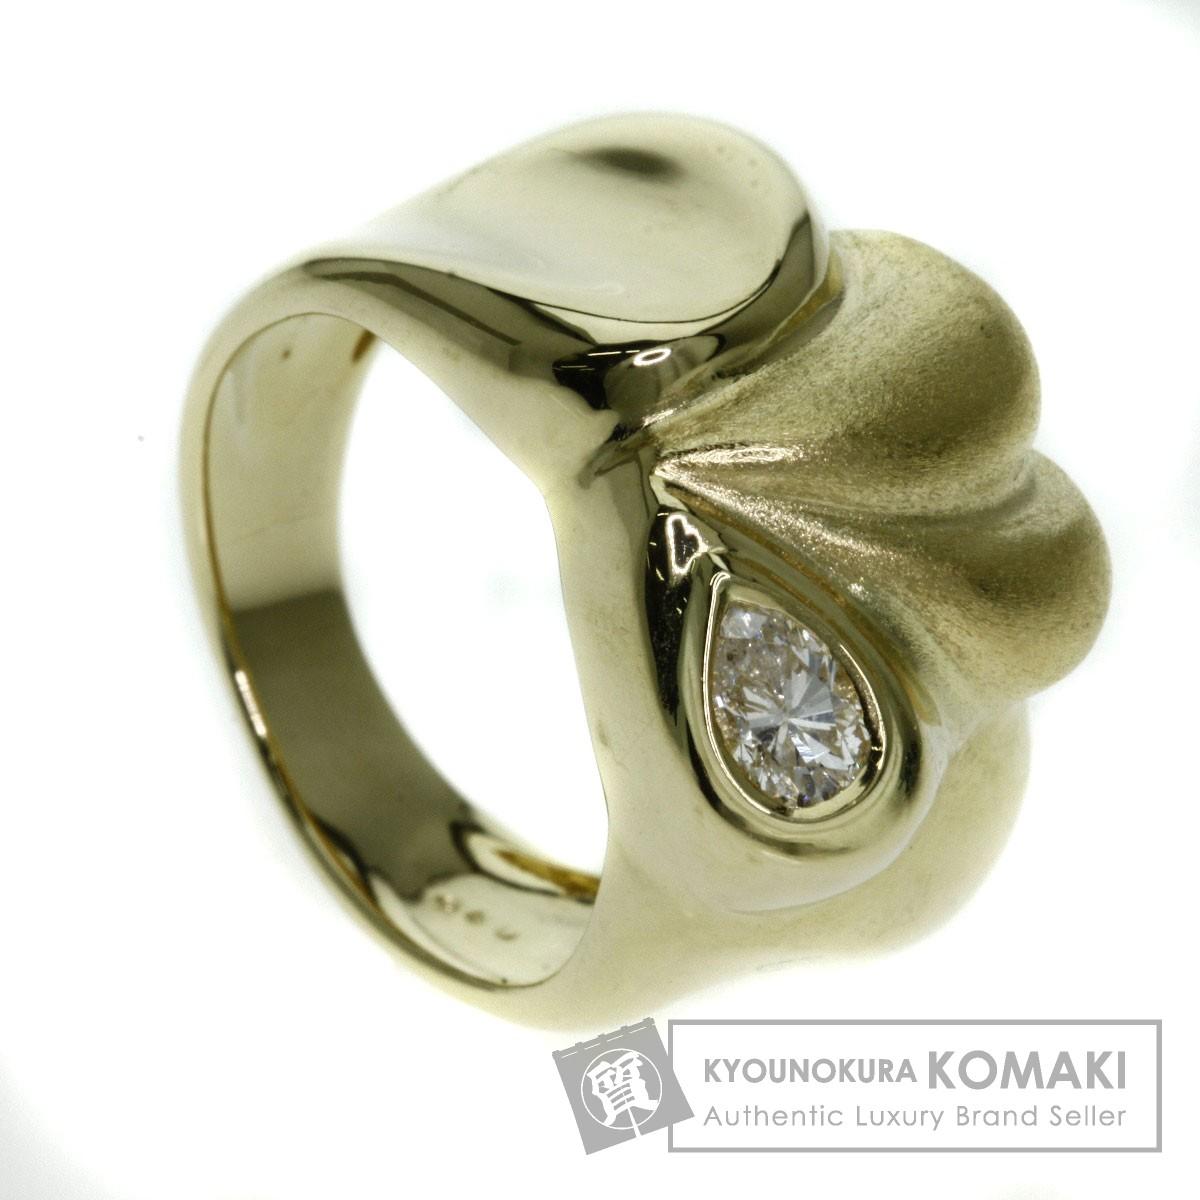 0.32ct ダイヤモンド リング・指輪 K18イエローゴールド 11.1g レディース 【中古】